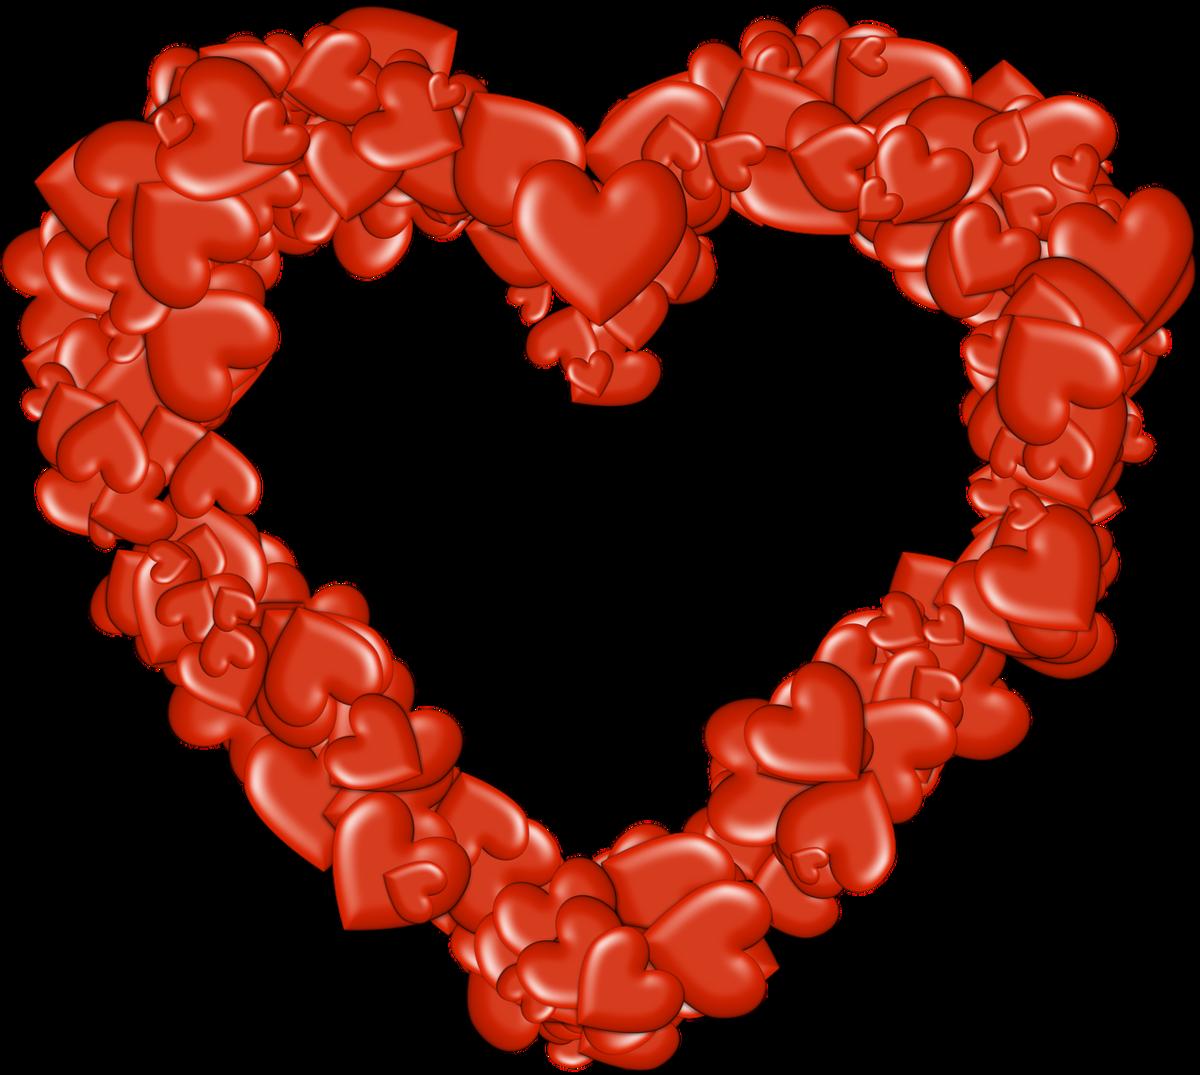 сердце сердце картинки сердце шапочки